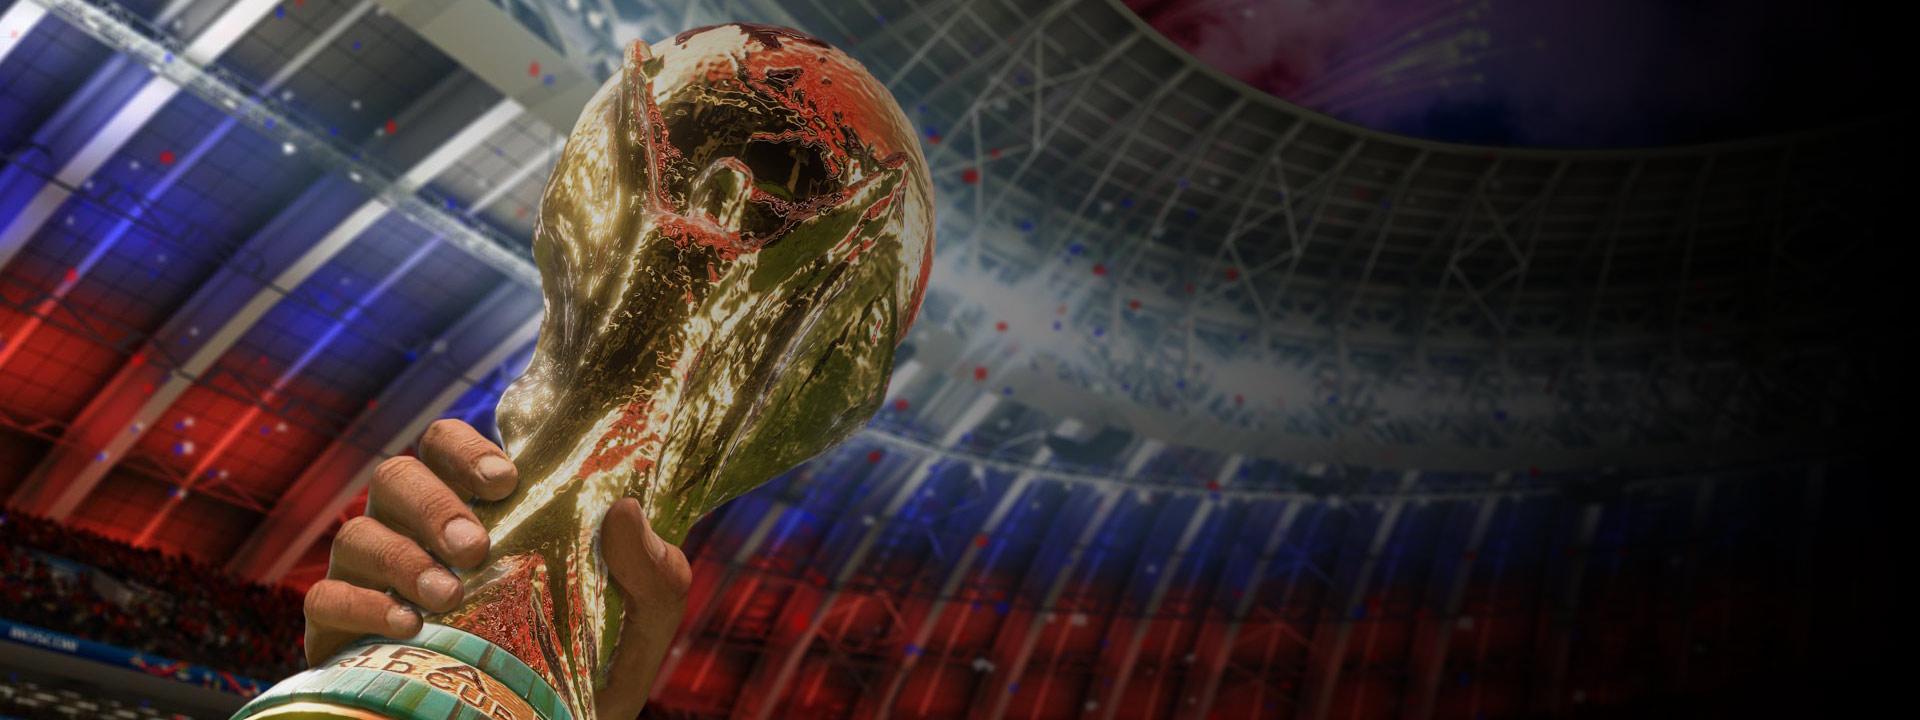 Vue d'une main tenant le trophée de la Coupe du Monde FIFA2018 avec des confettis tombant sur le stade